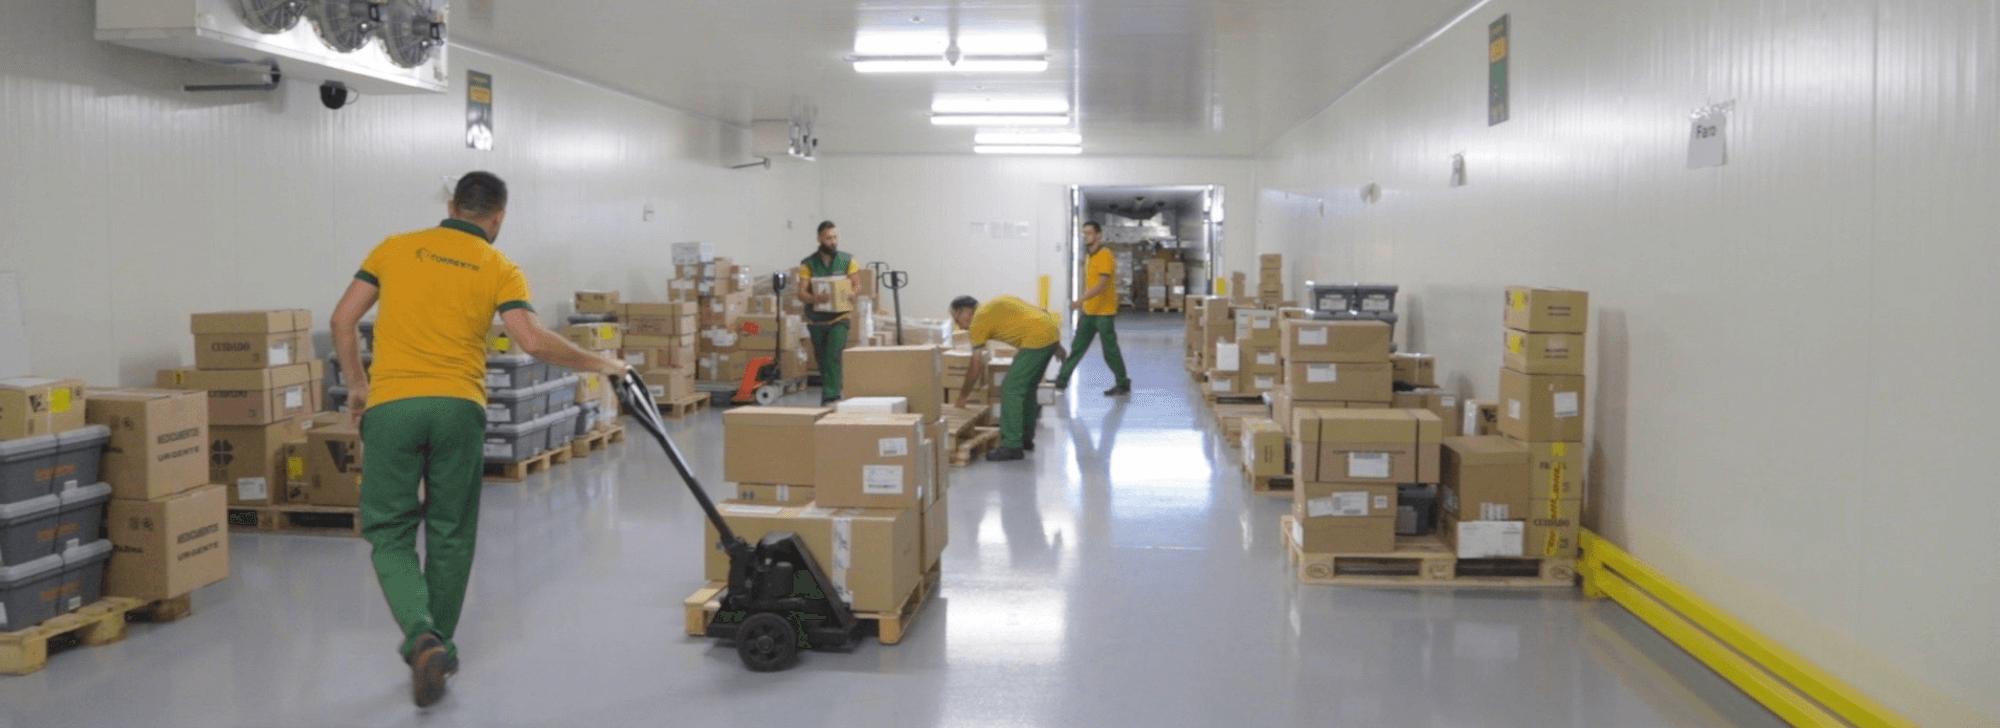 Torrespharma - entrega em Hospitais, Centros de Saúde, Clínicas Médicas e Armazenistas